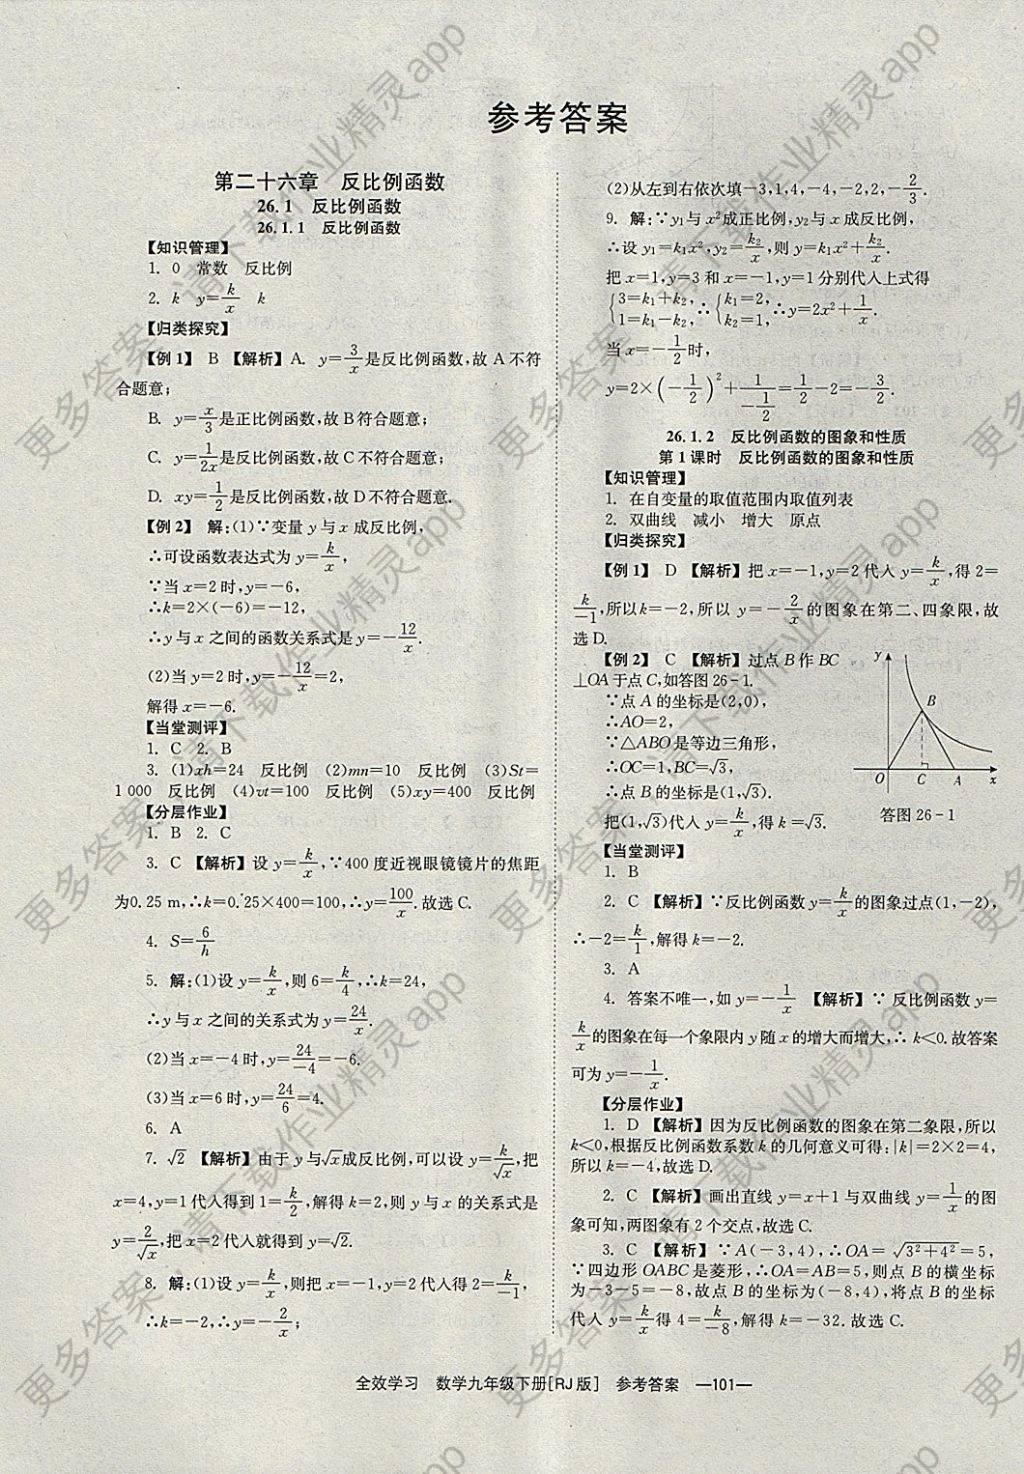 2018年全效学习九年级数学下册人教版湖南教育出版社 参考答案第1页